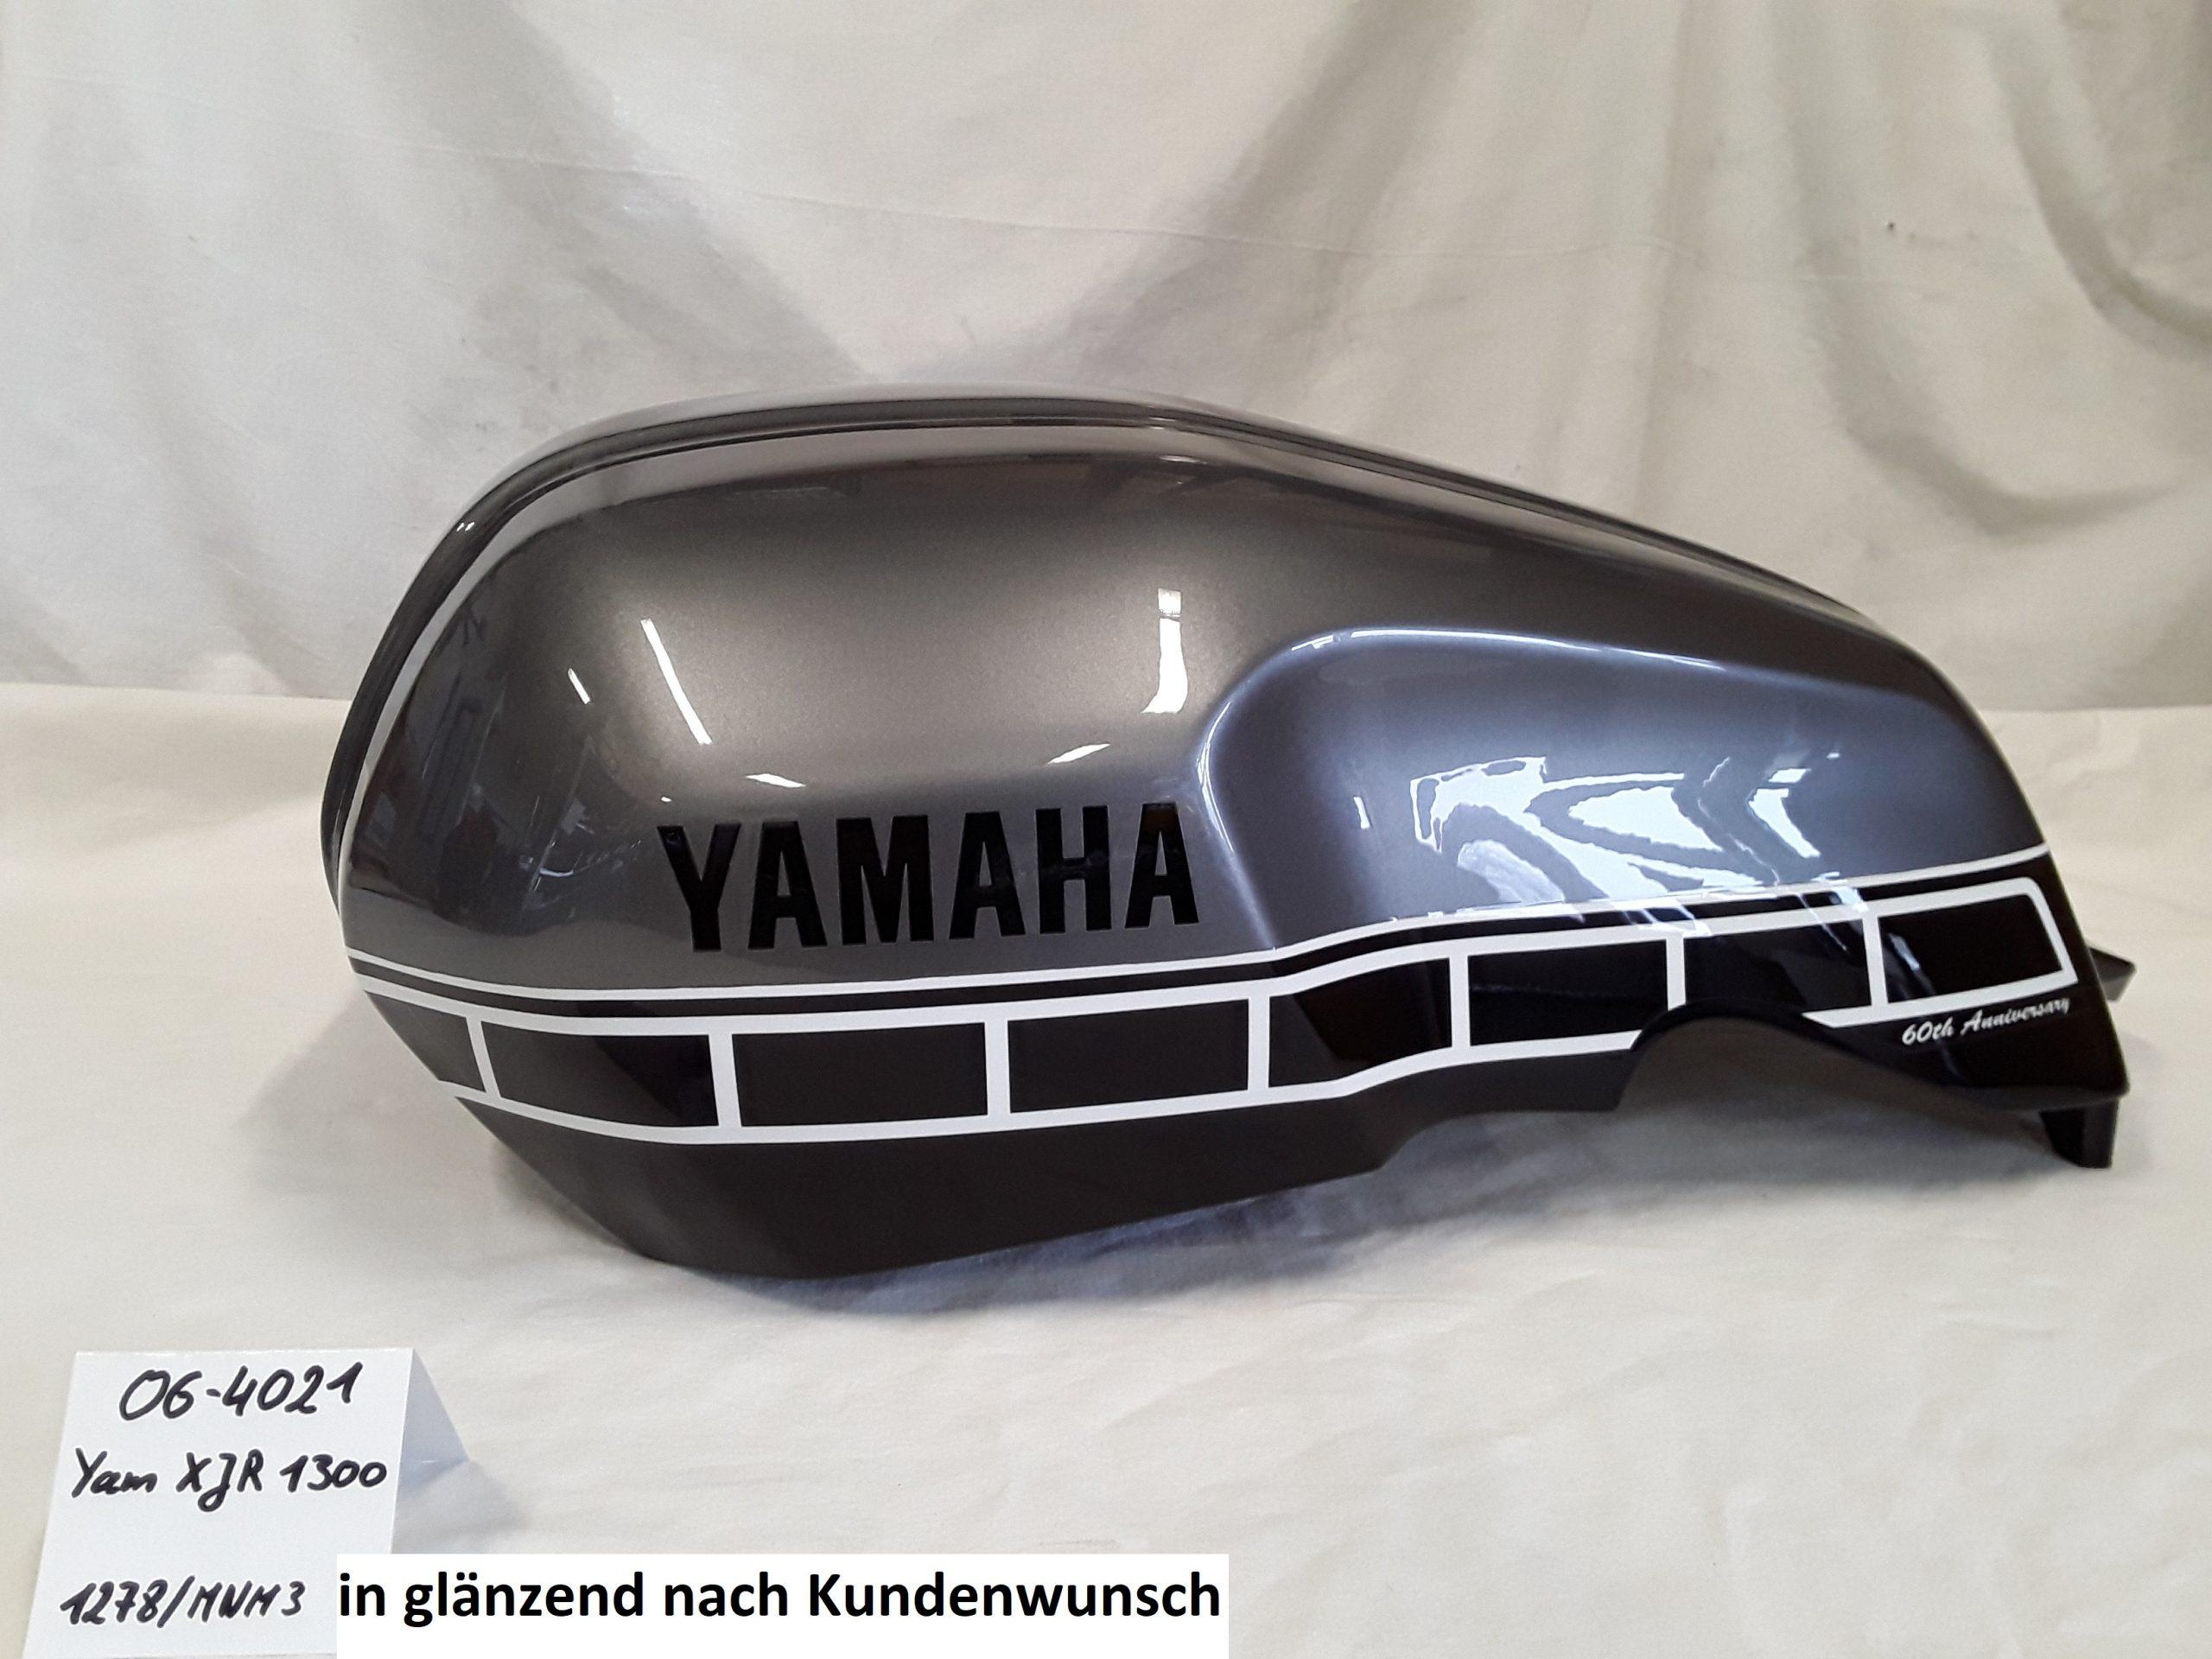 Yamaha XJR1300 nach Kundenwunsch in 1278/MNM3 glänzend RH-Lacke Lackiererei Motorradlackierung